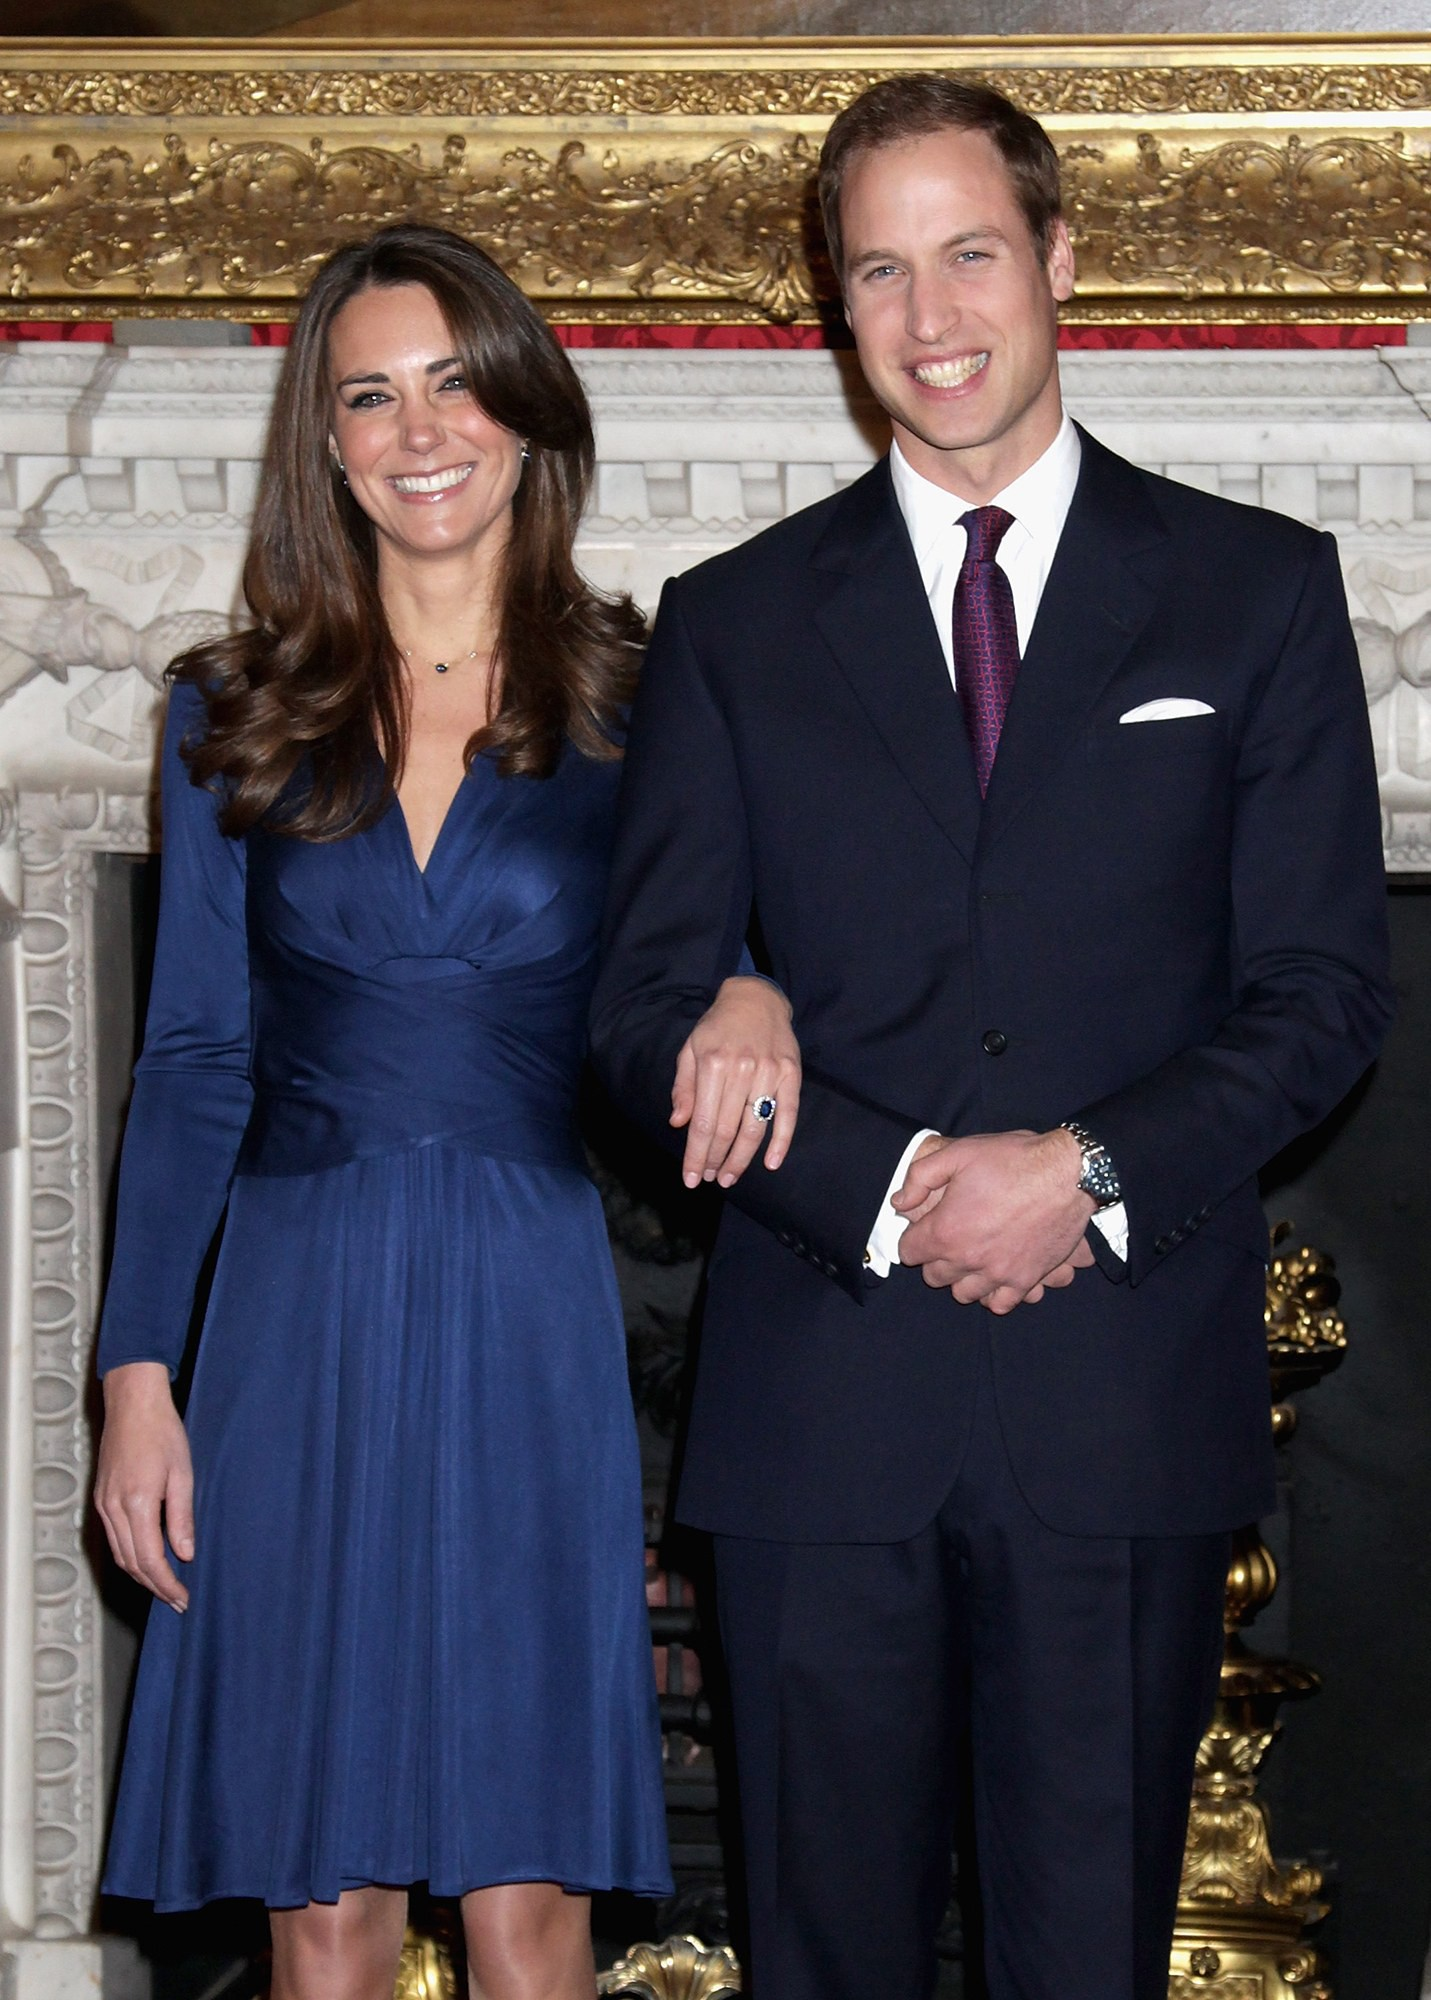 Chính bộ váy xuyên thấu táo bạo này đã phá vỡ friendzone giữa Kate Middleton và Hoàng tử William - Ảnh 1.